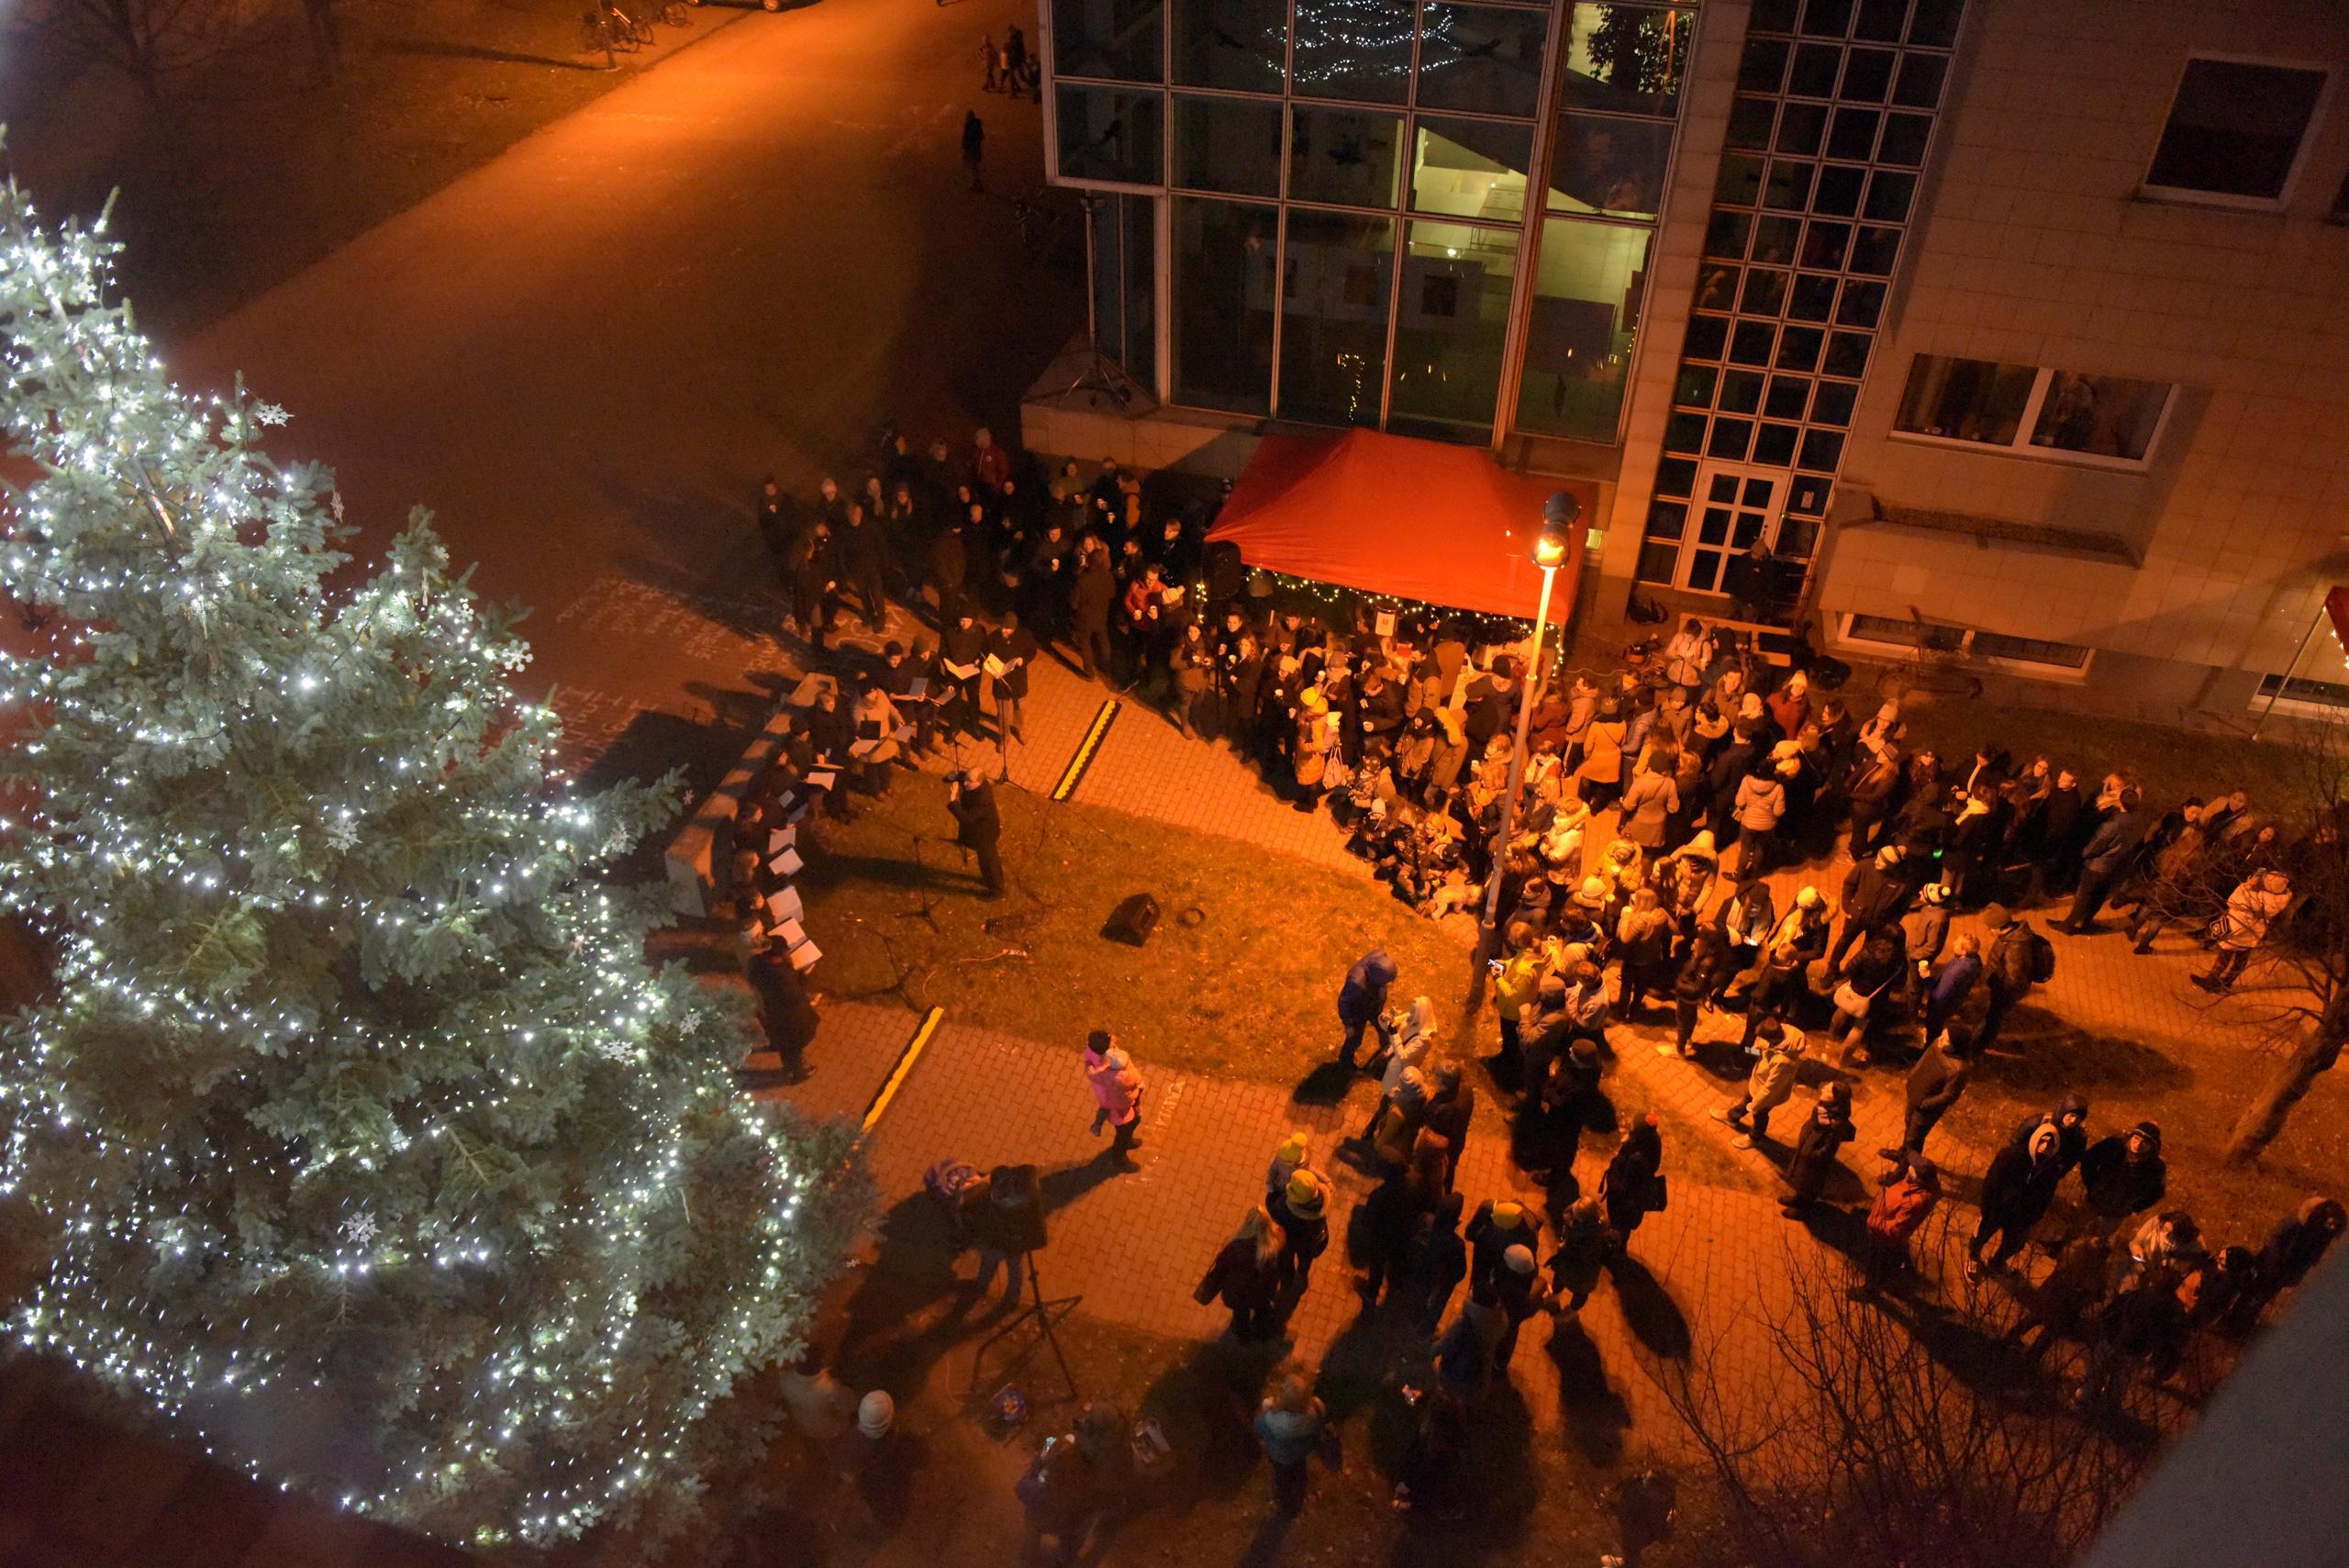 Rozzářená světýlka i dětské tváře, rozsvítili jsme univerzitní strom